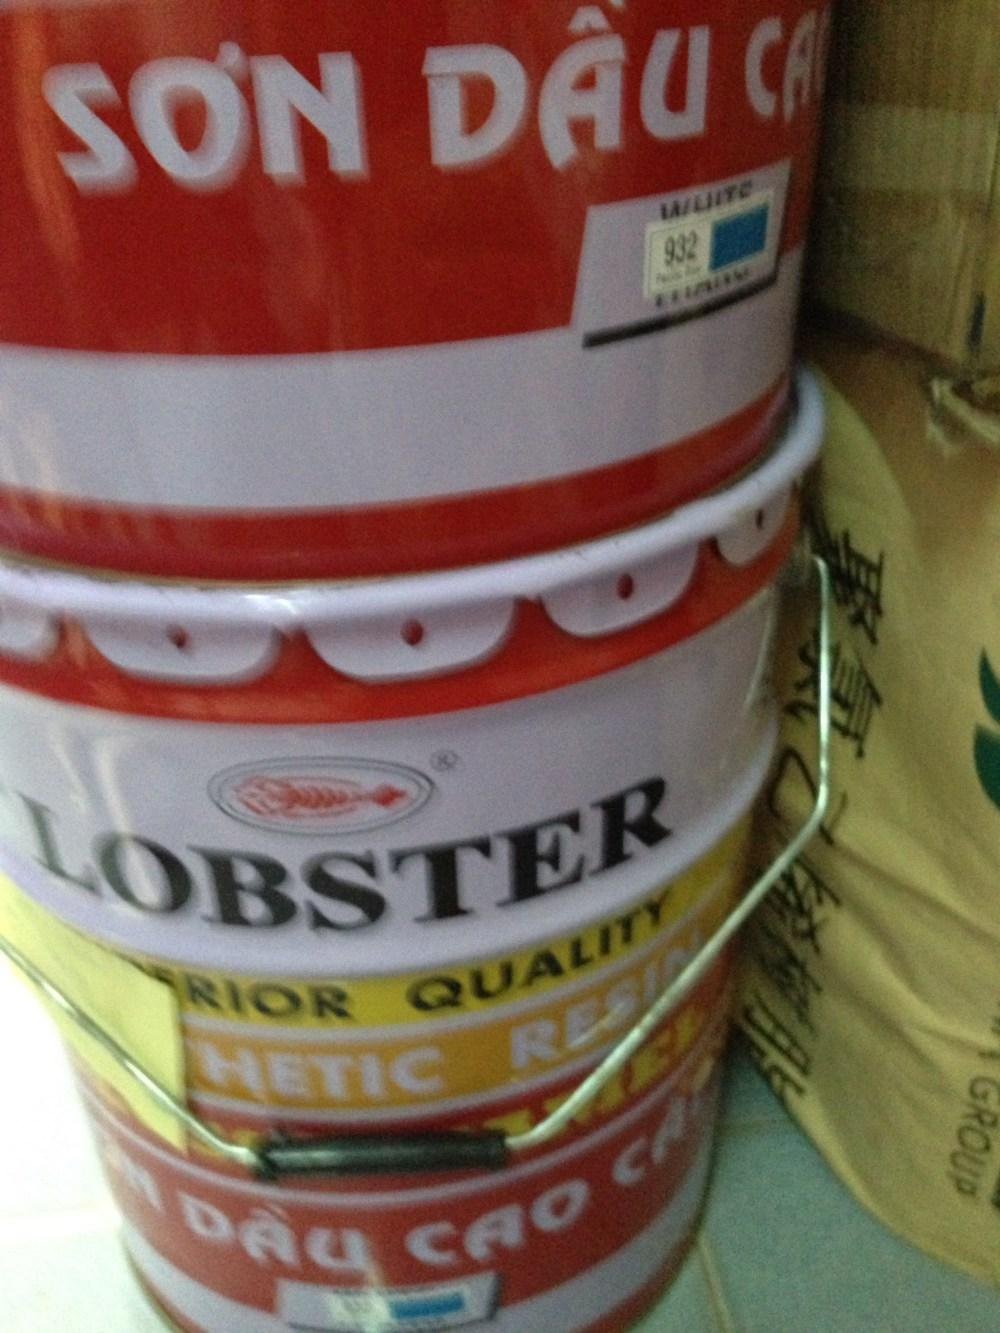 SƠn dầu Lobster màu xanh 932